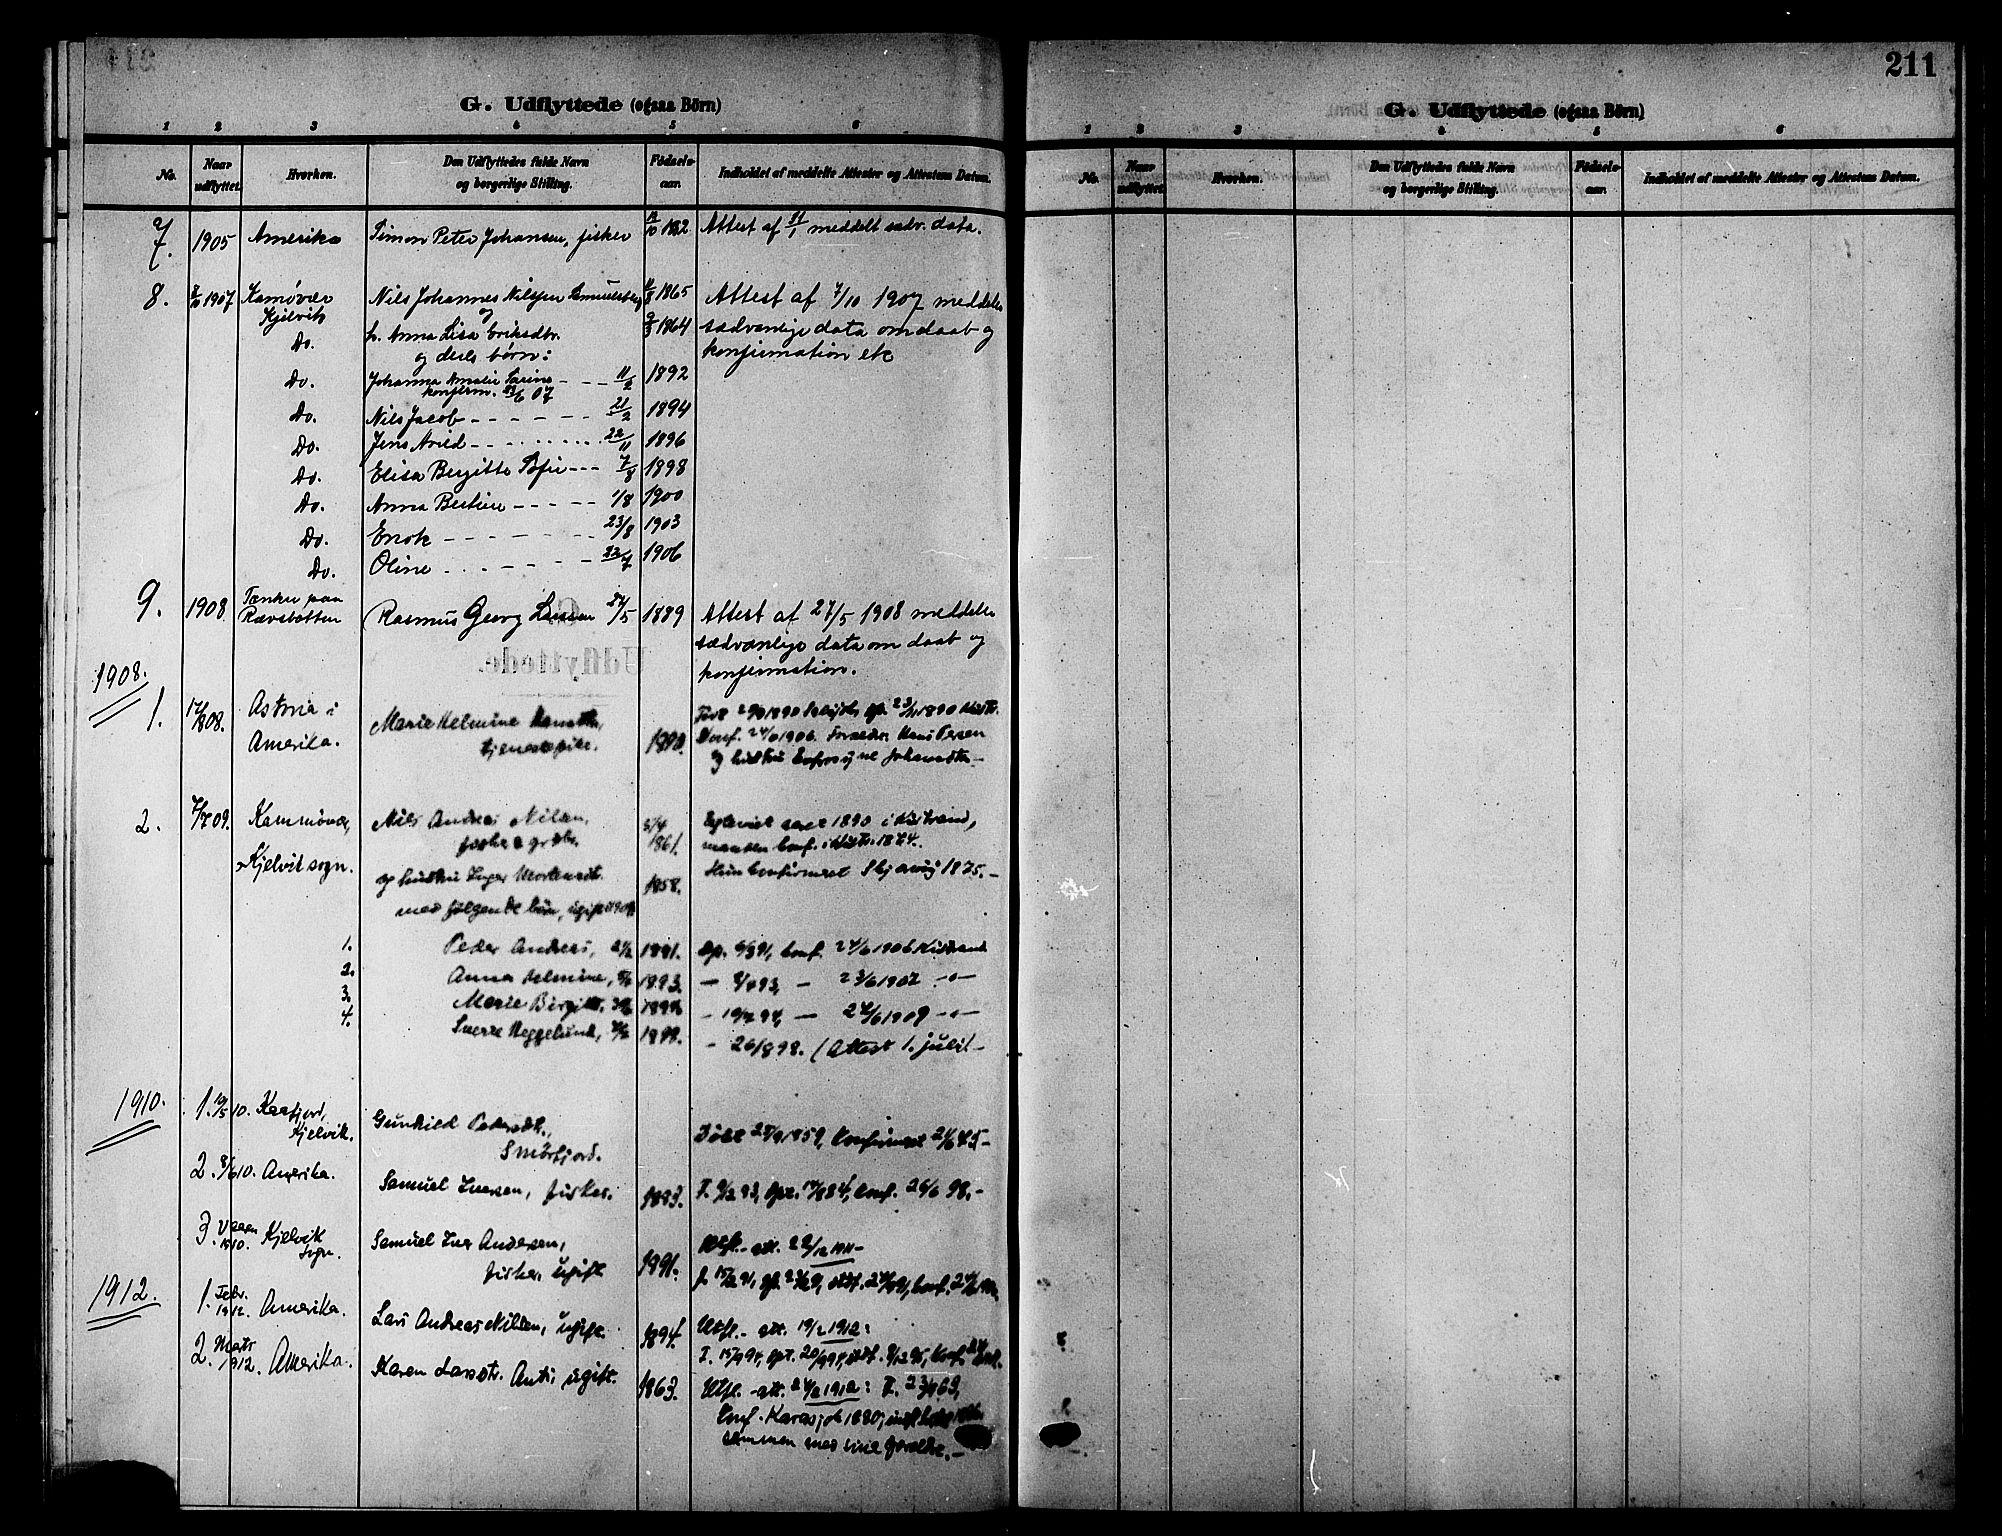 SATØ, Kistrand/Porsanger sokneprestembete, H/Hb/L0006.klokk: Klokkerbok nr. 6, 1905-1917, s. 211